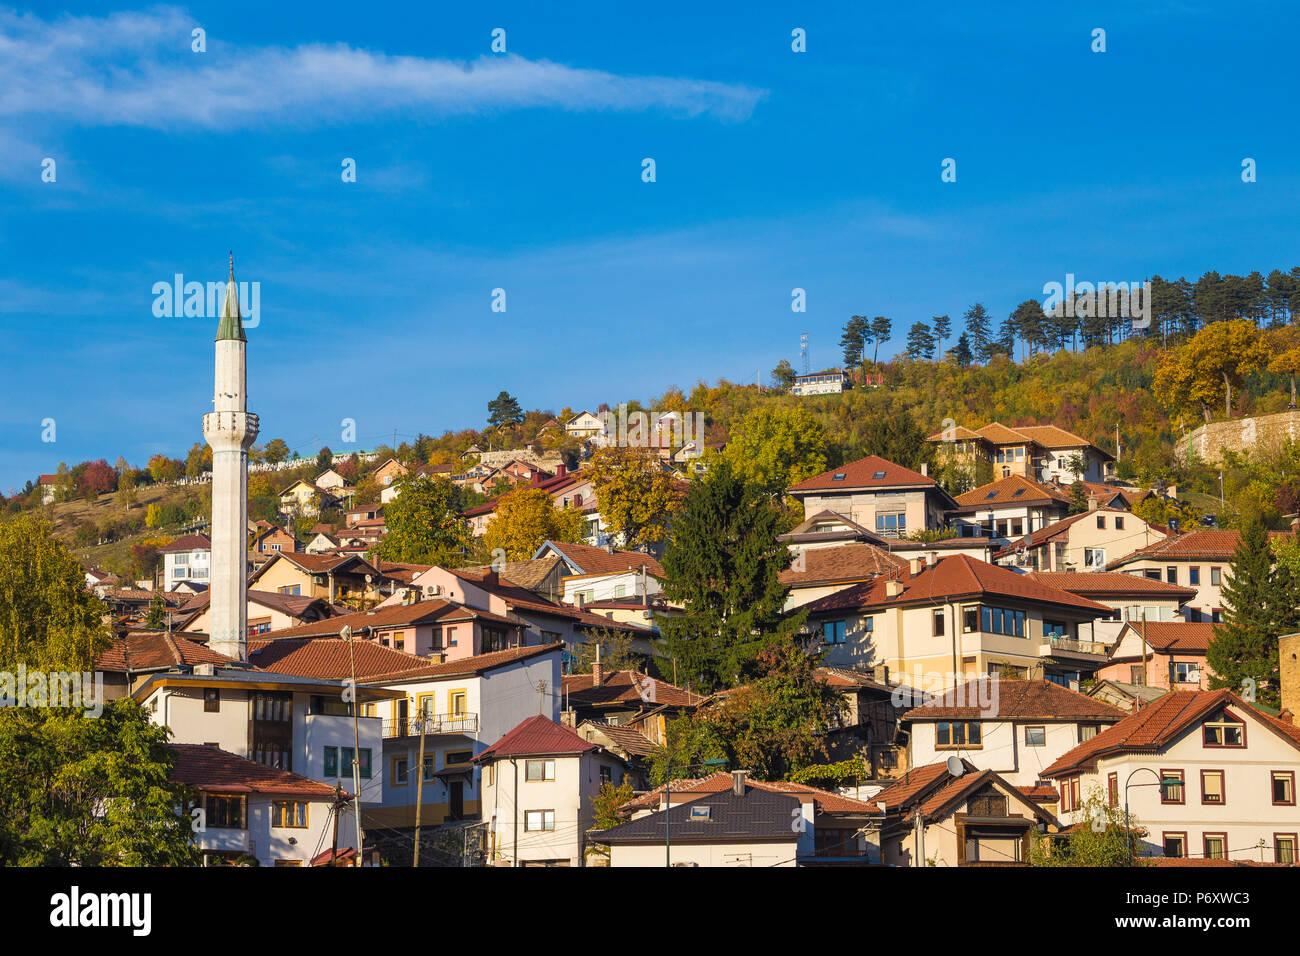 Bosnia and Herzegovina, Sarajevo, view of Bjelave area - Stock Image